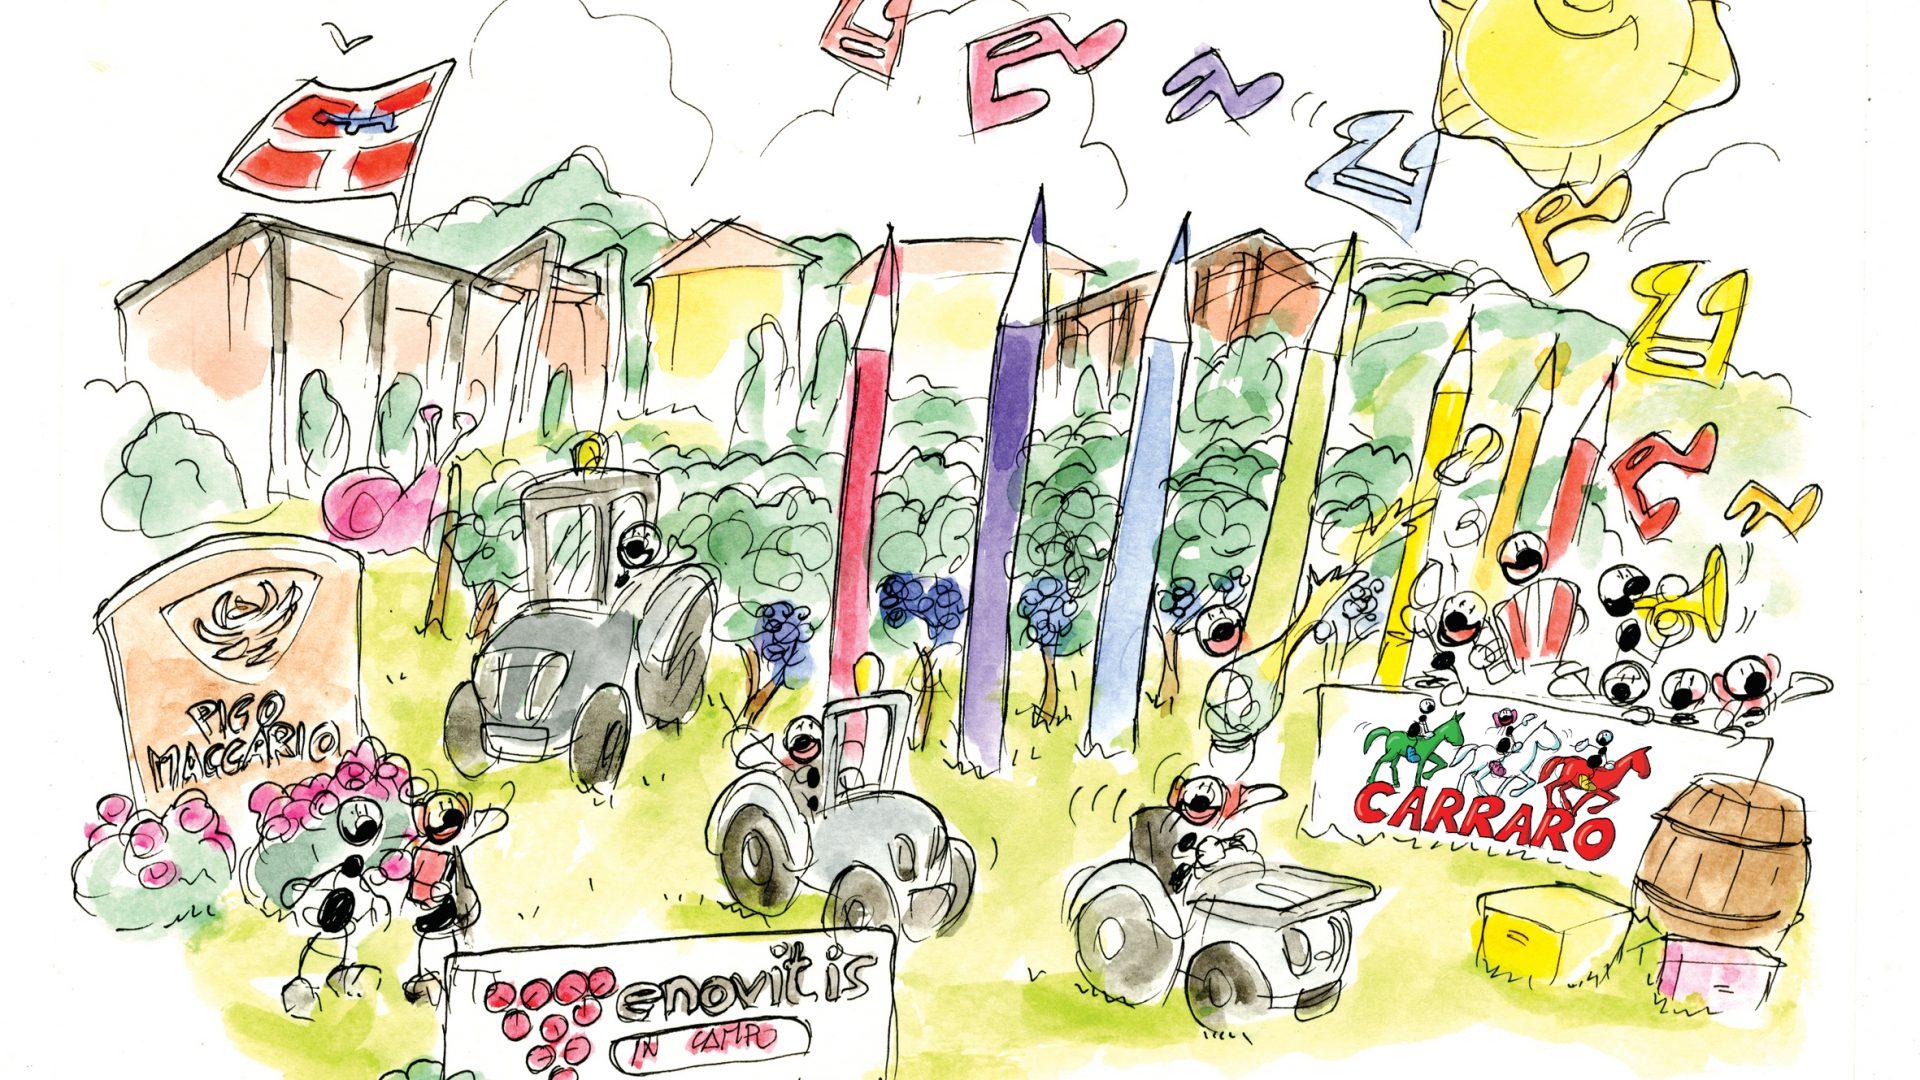 Carraro Tractors